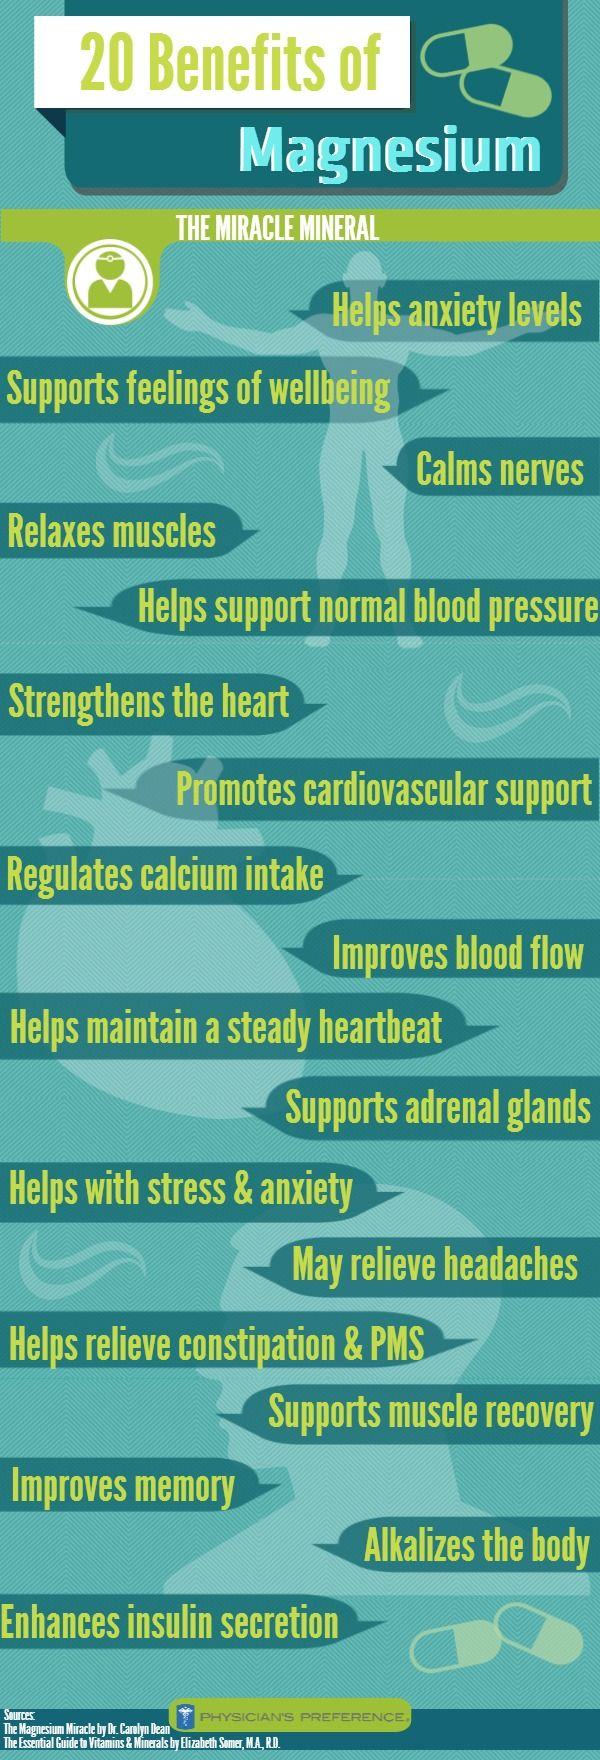 magnesium-benefits-top-20.jpg